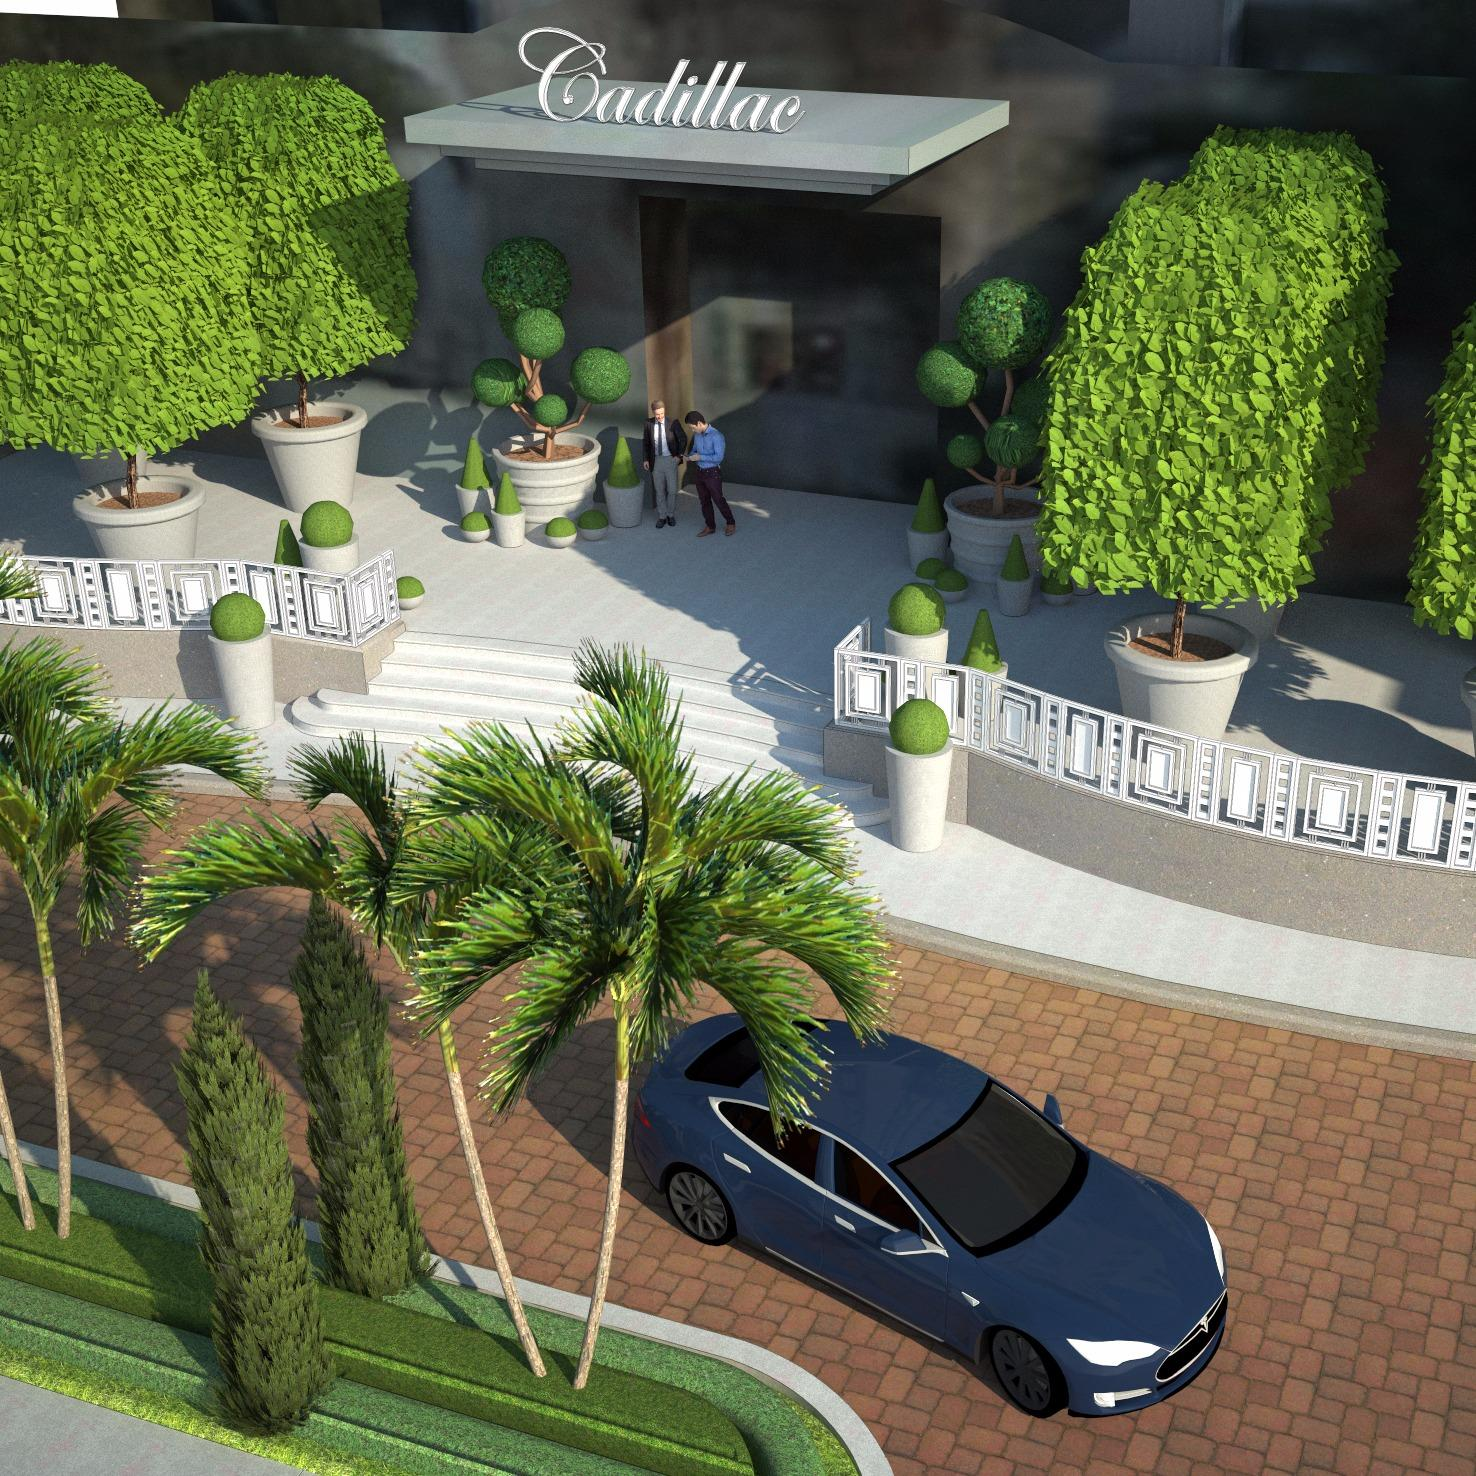 Cadillac Hotel & Beach Club - Miami Beach, FL - Hotels & Motels